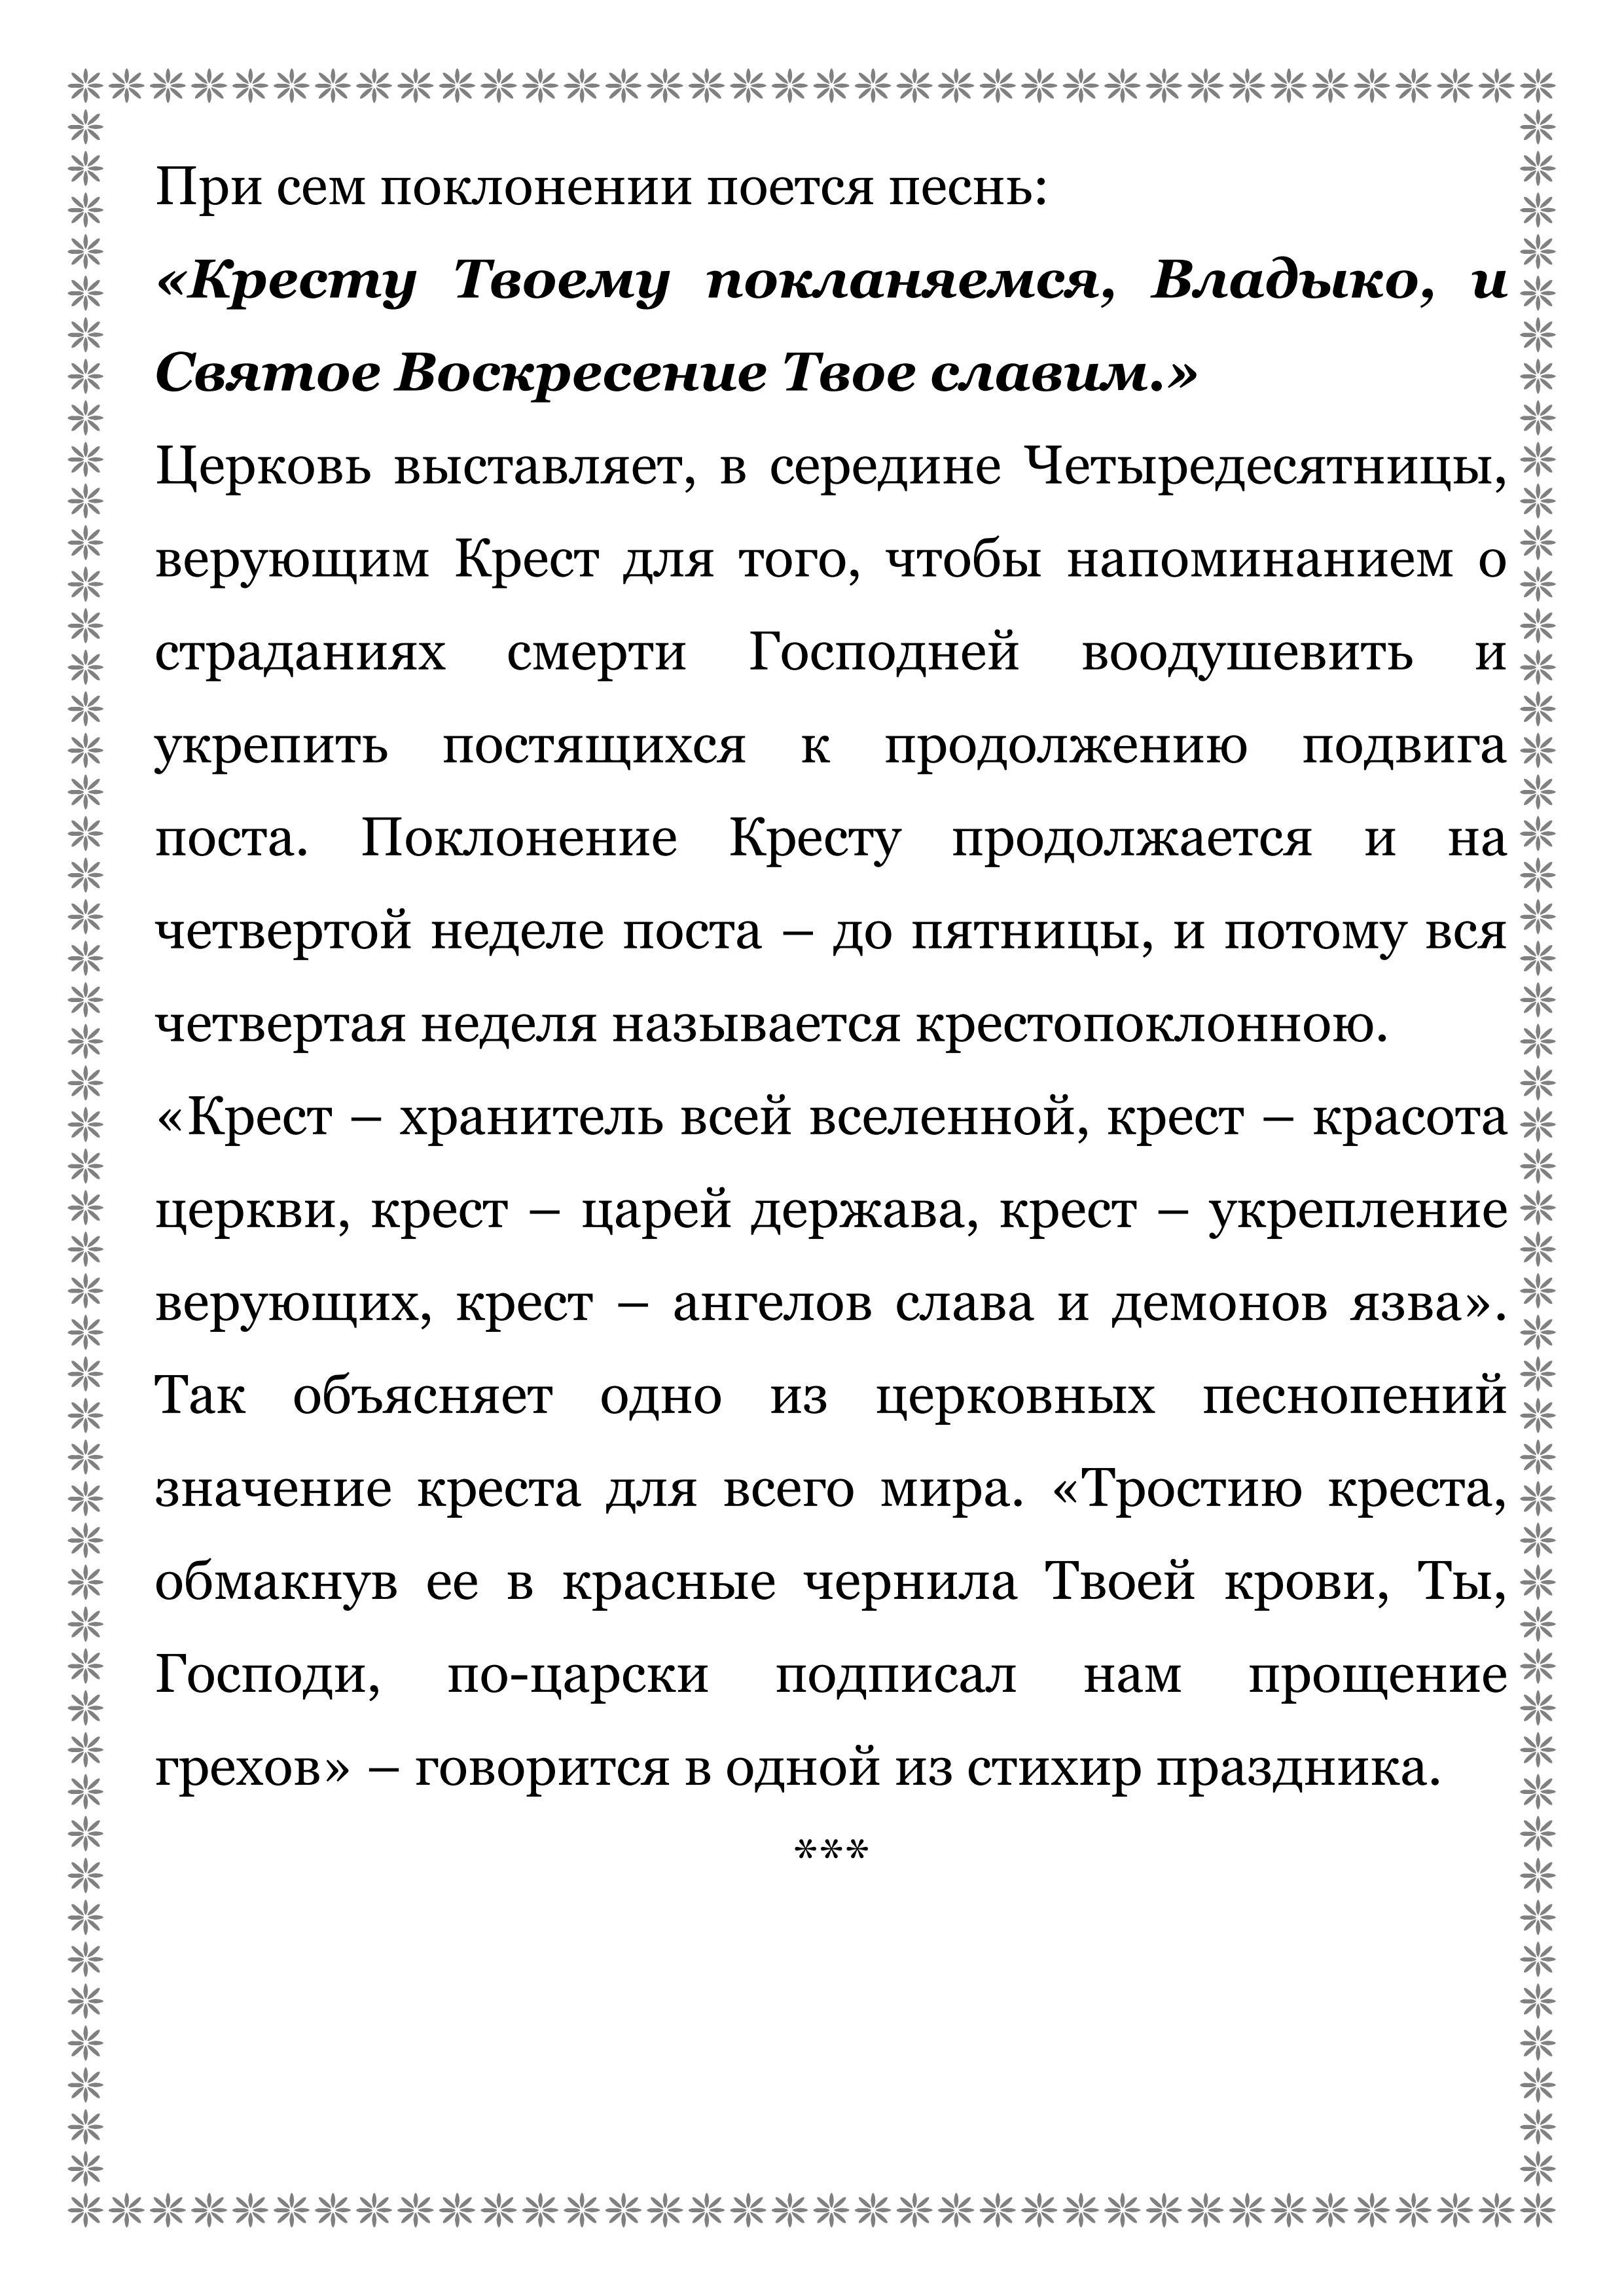 Крестопоклонная _02